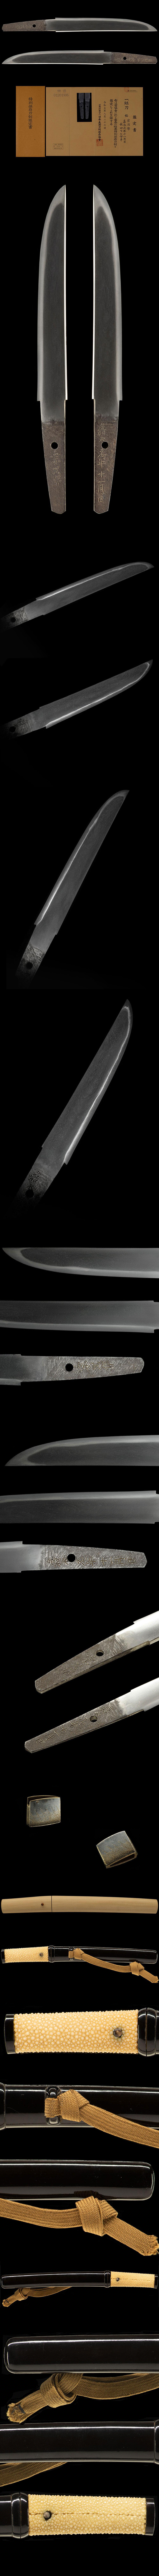 固山宗次 姫短刀  特別保存刀剣